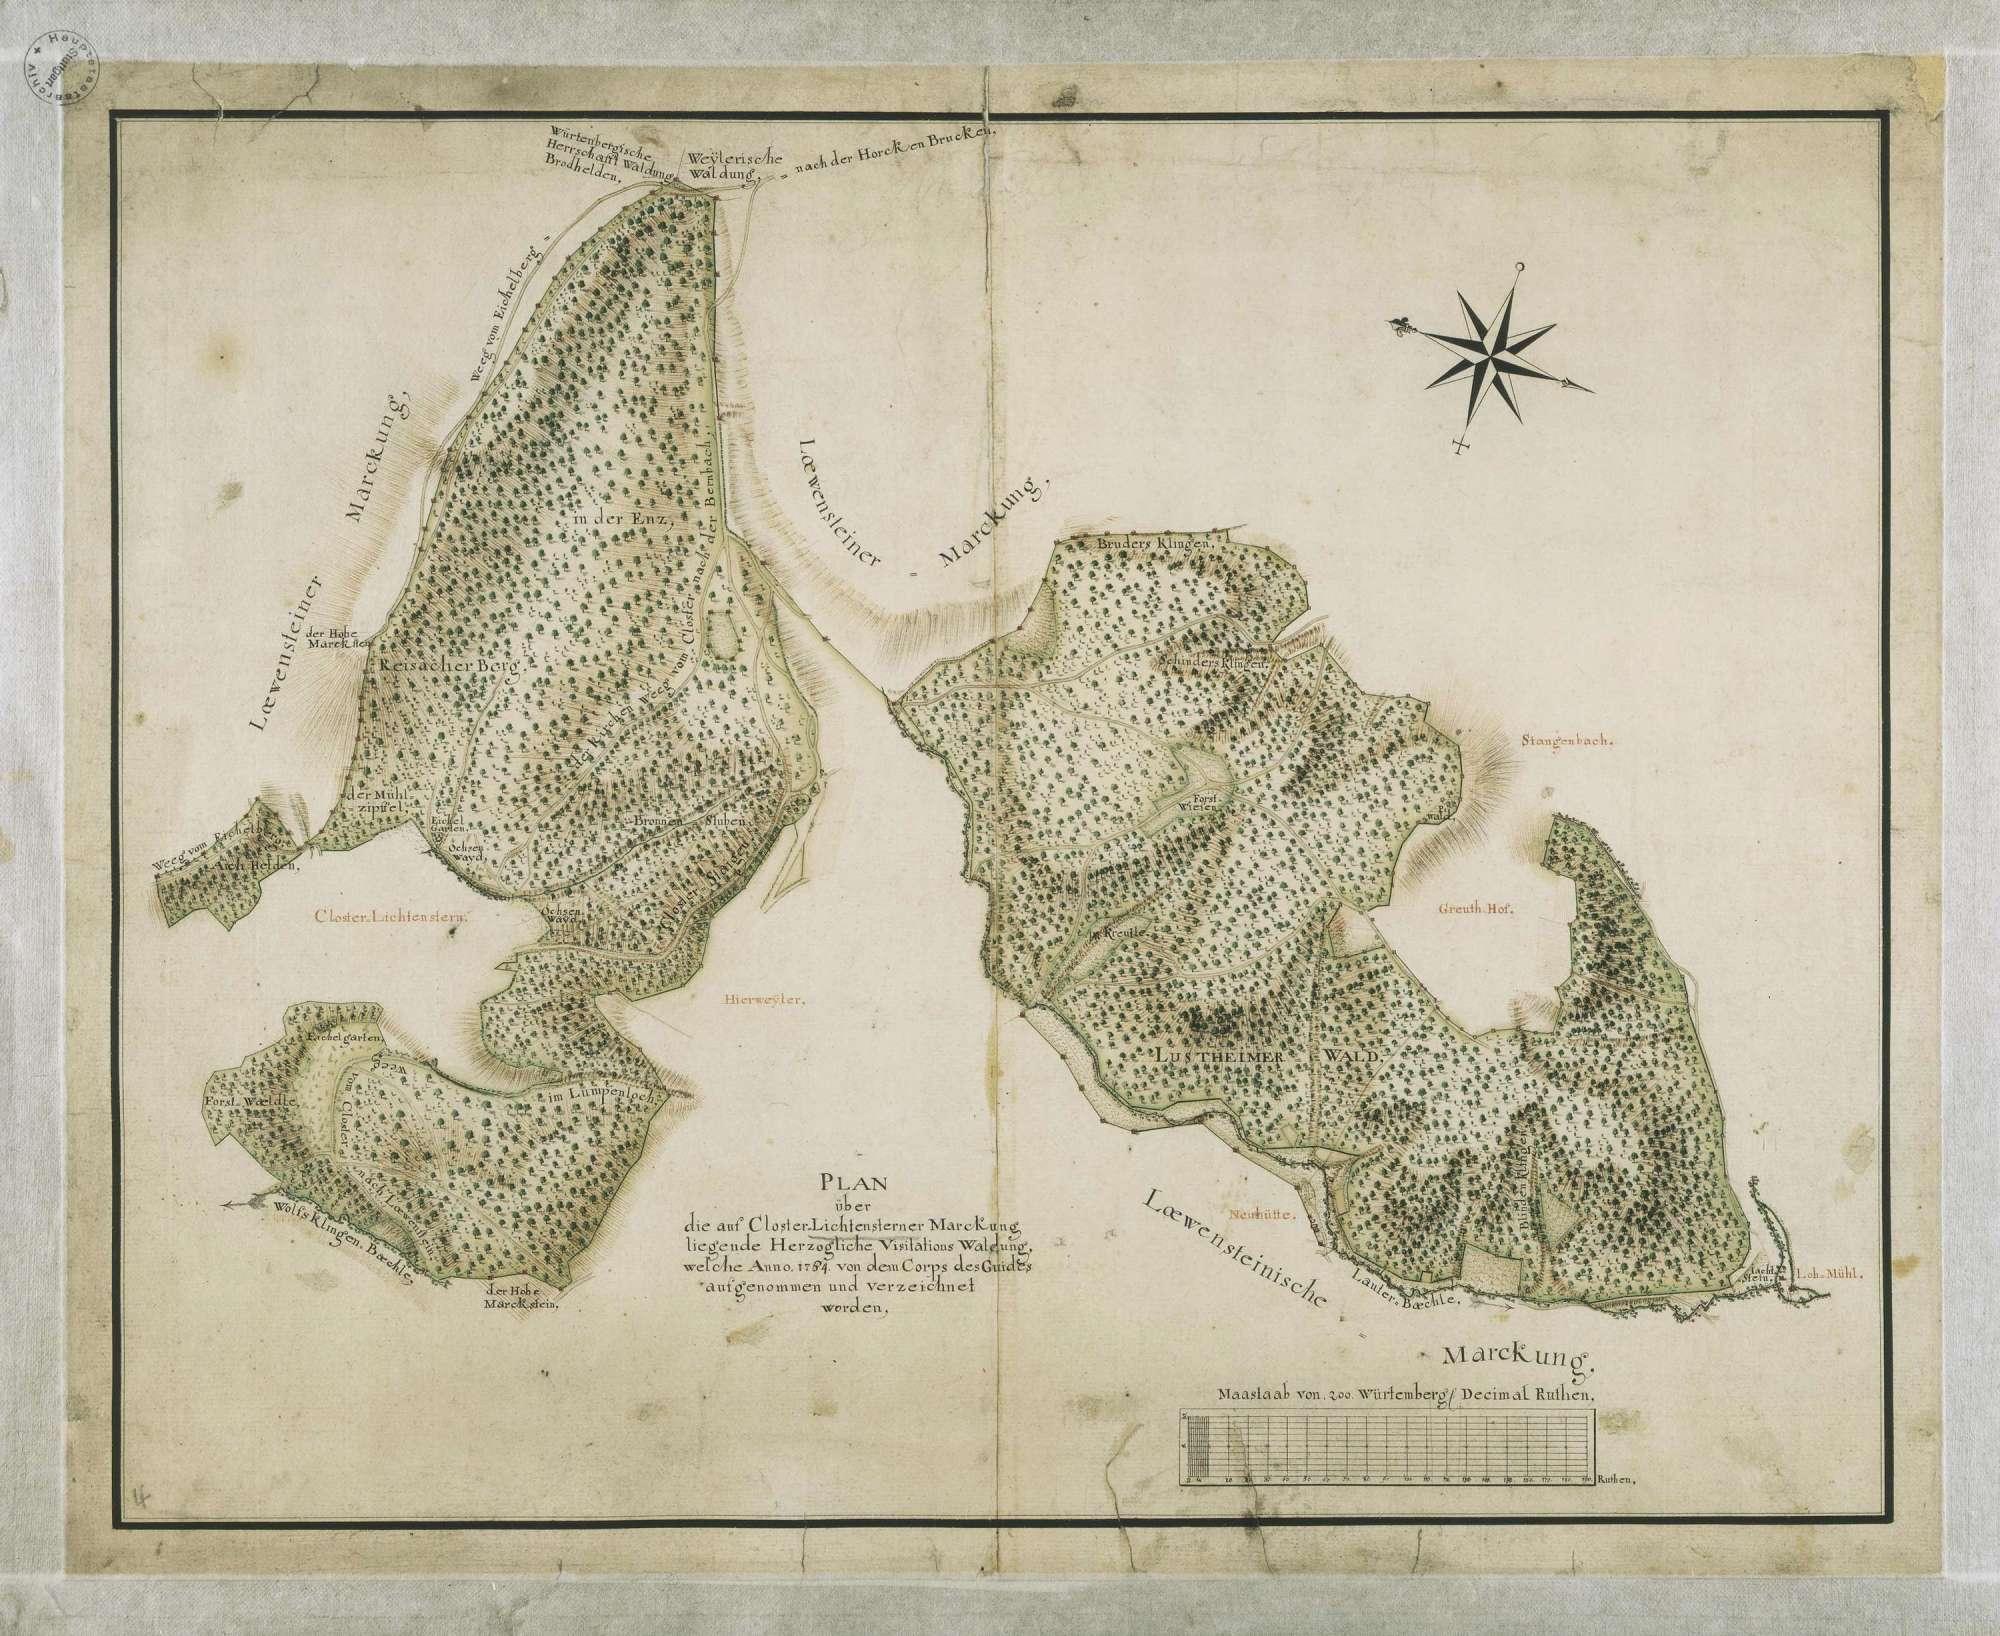 """""""Plan über die auf Closter Lichtensterner Marckung liegende Herzogliche Visitations Waldung, welche Anno 1764 von dem Corps des Guides aufgenommen und verzeichnet worden"""", Bild 1"""